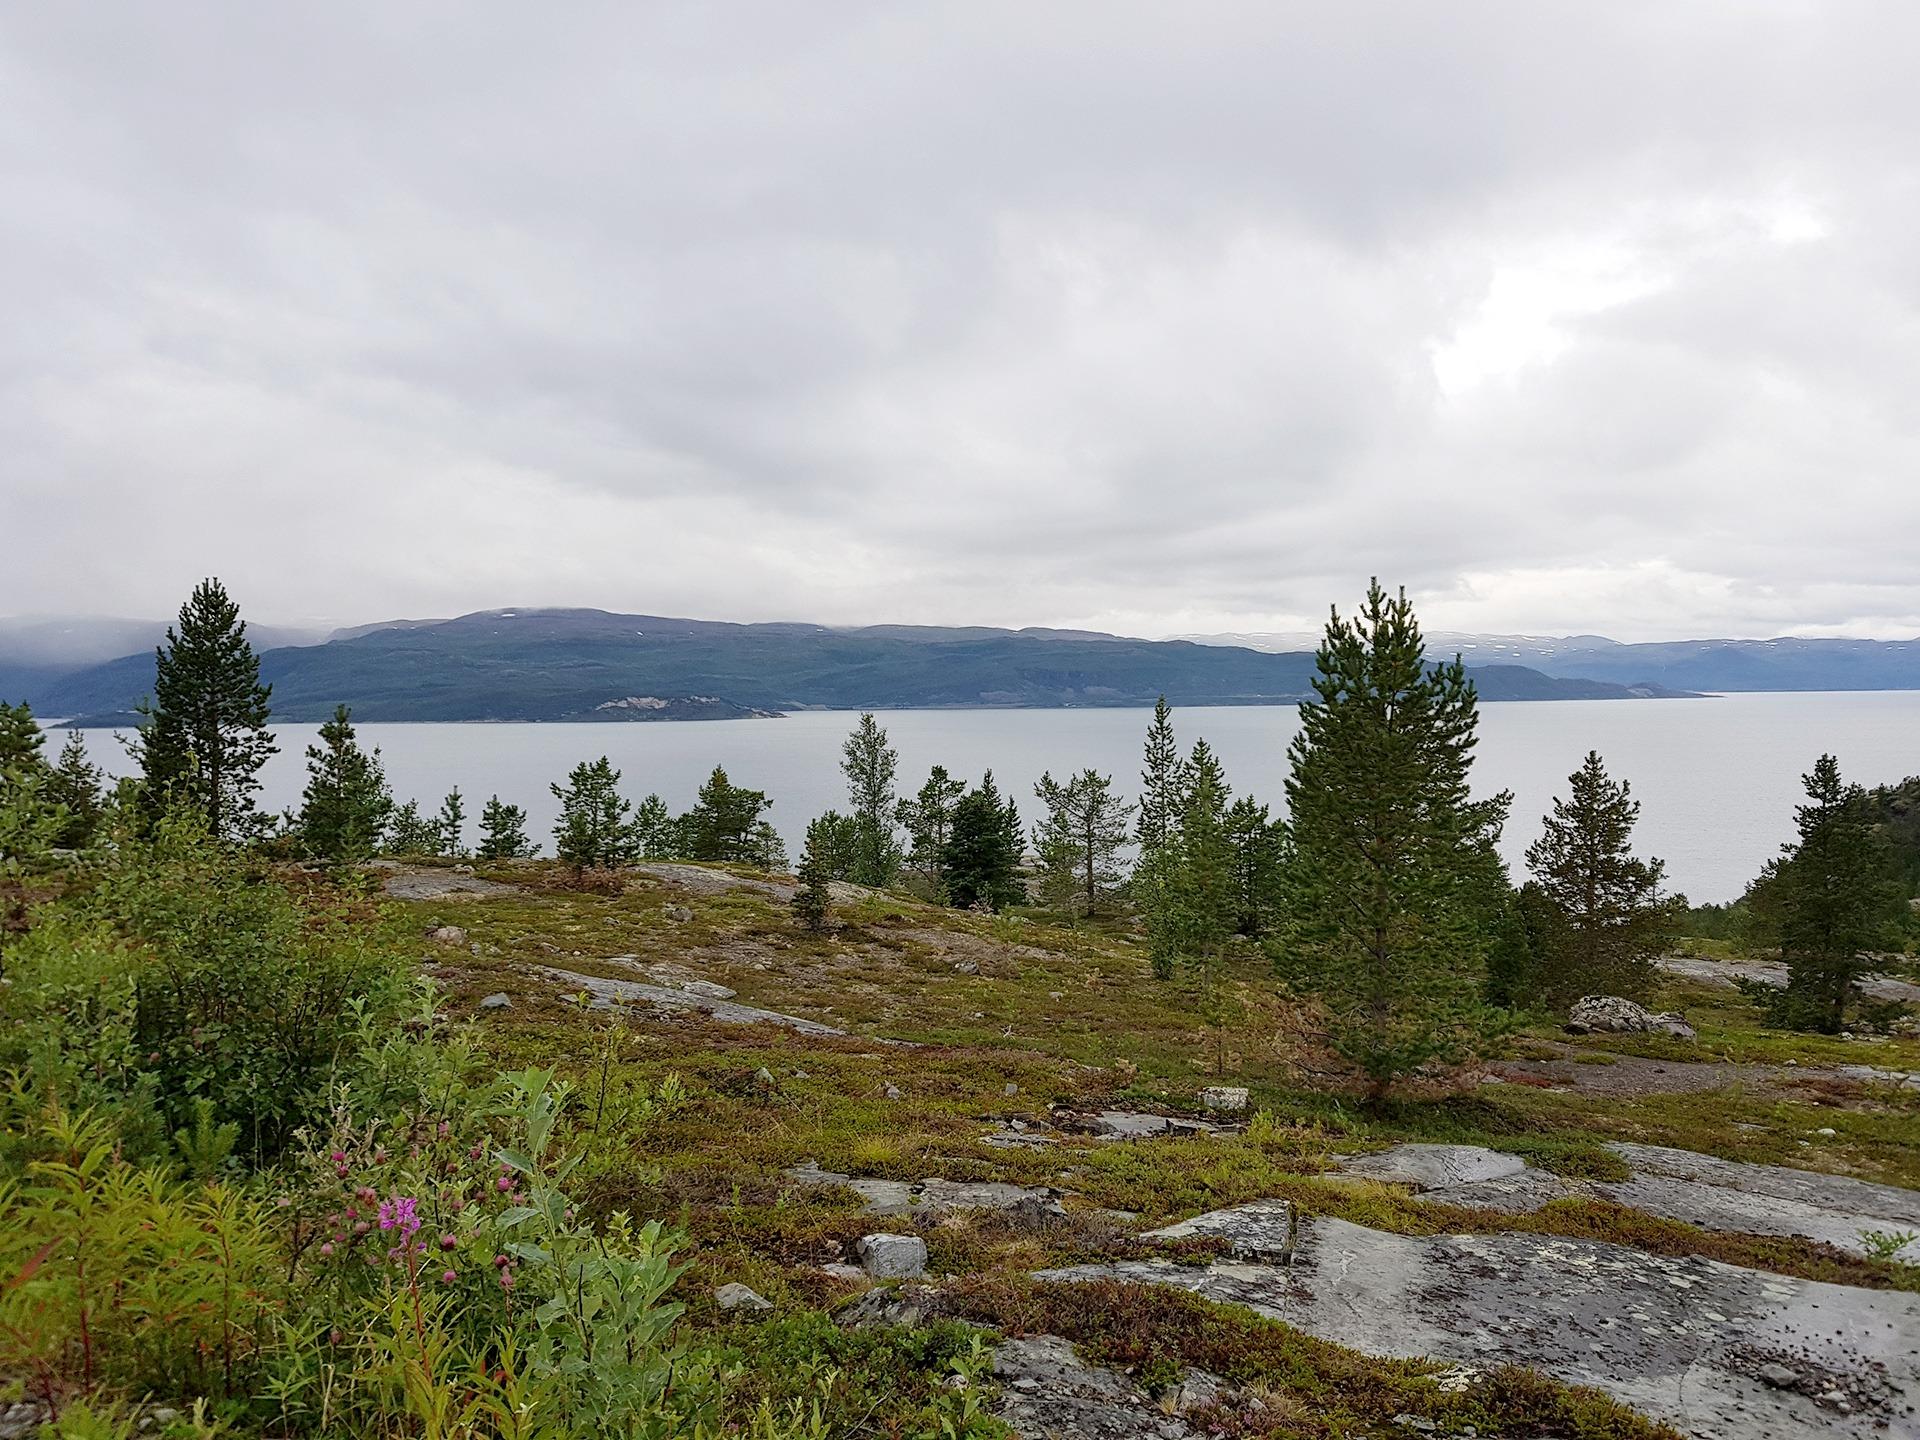 Bilde av Komsaområdet i Alta. Foto: Line Bårdseng, Riksantikvaren.